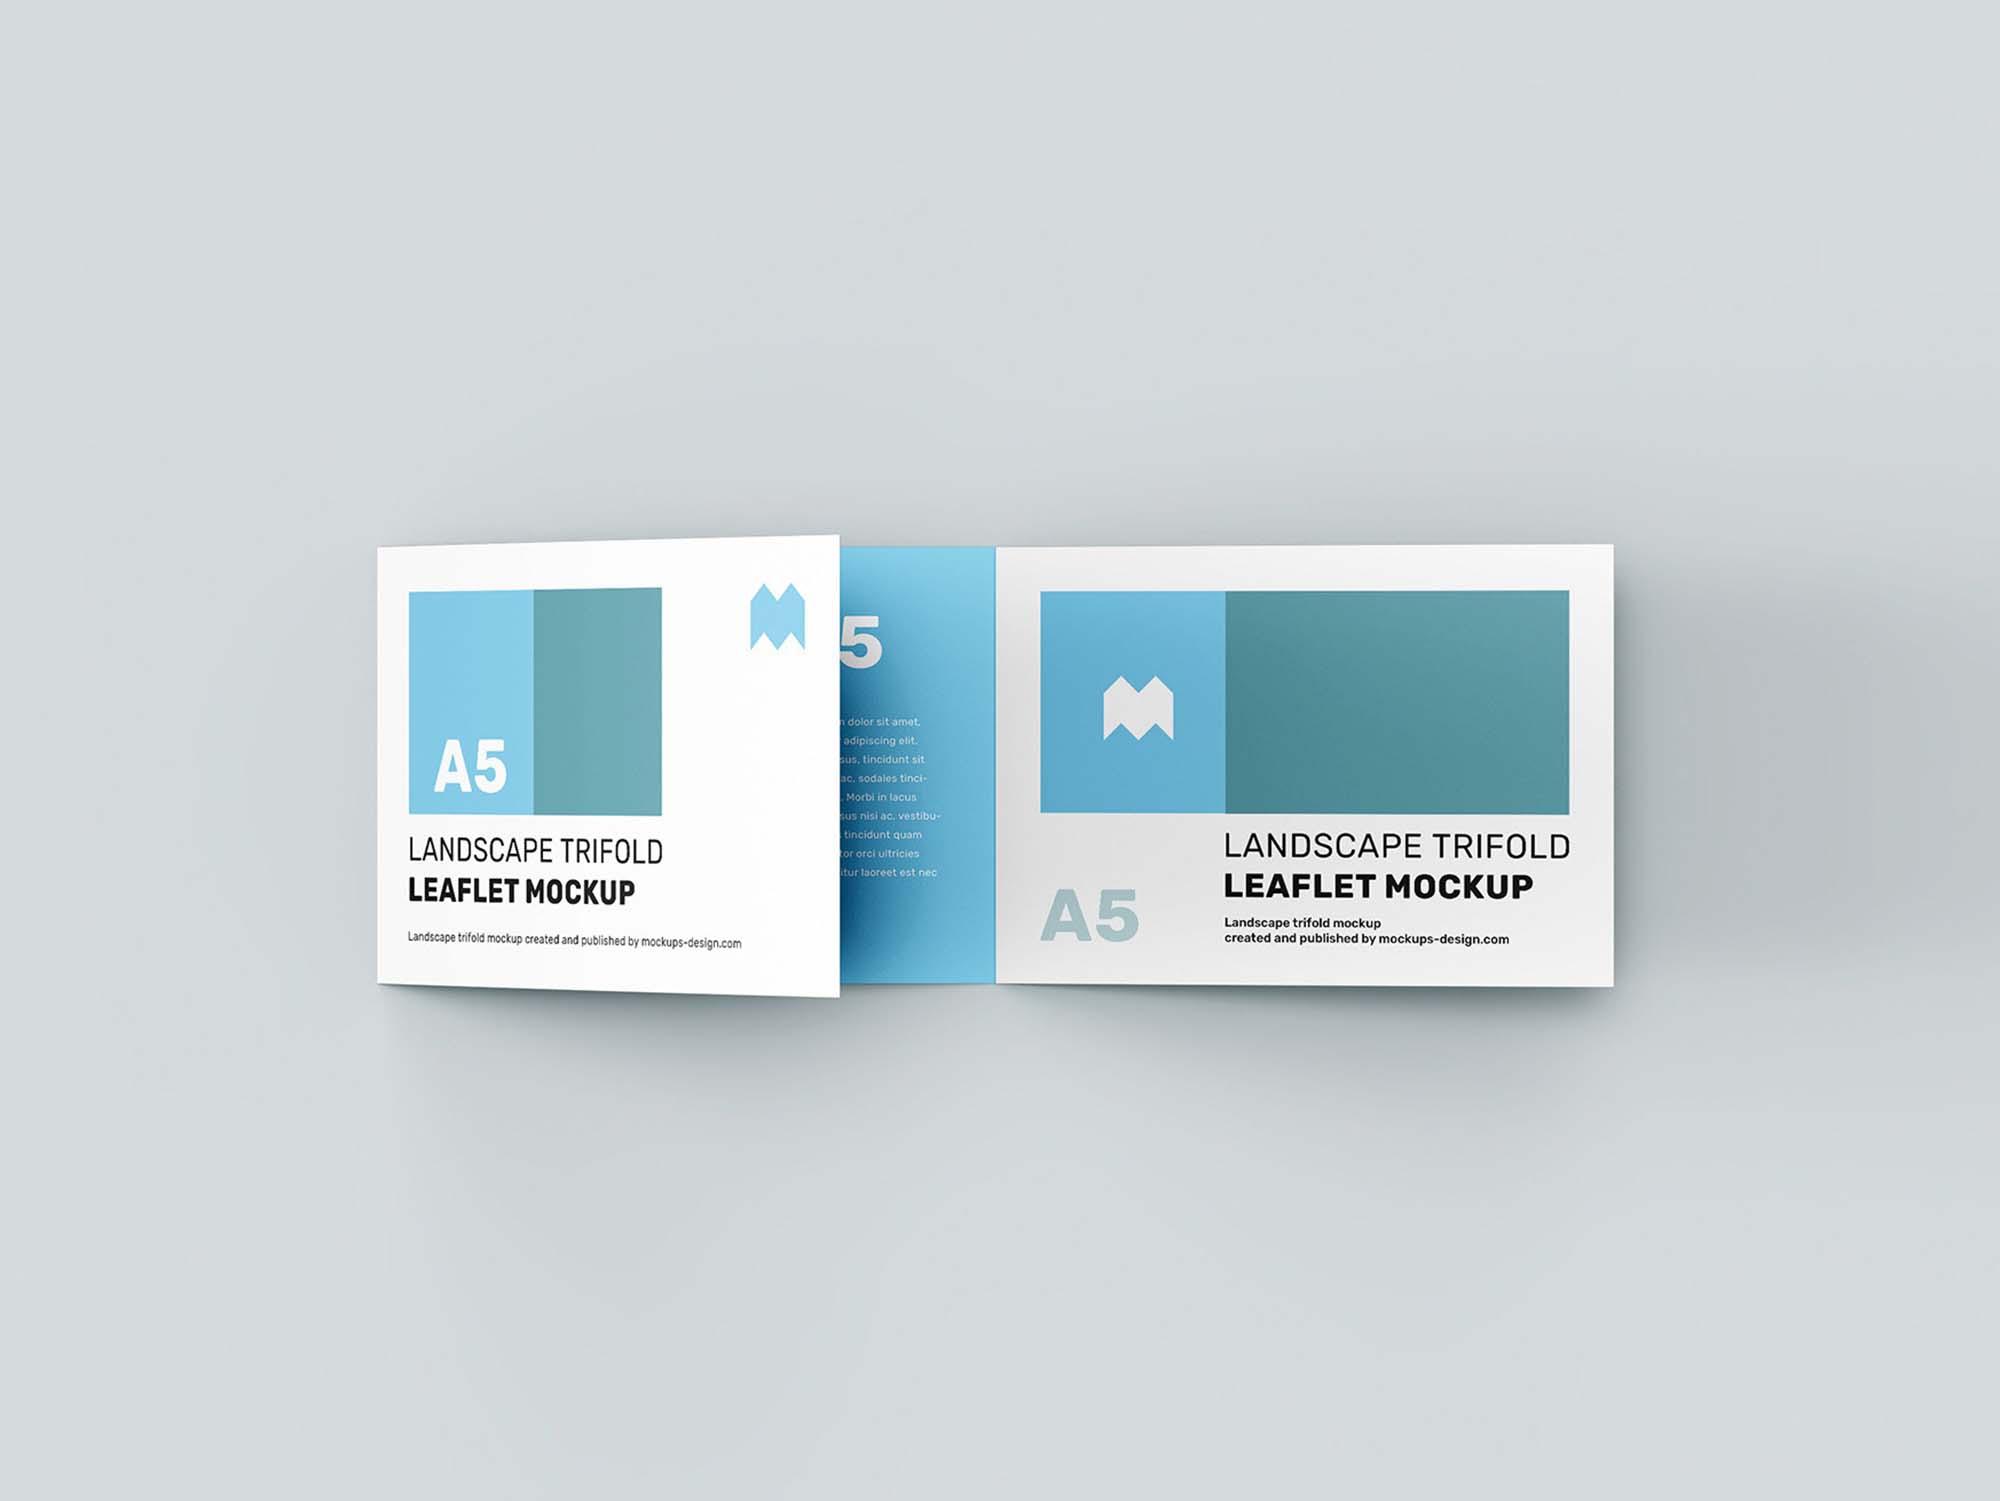 Landscape Trifold Leaflet Mockup 1